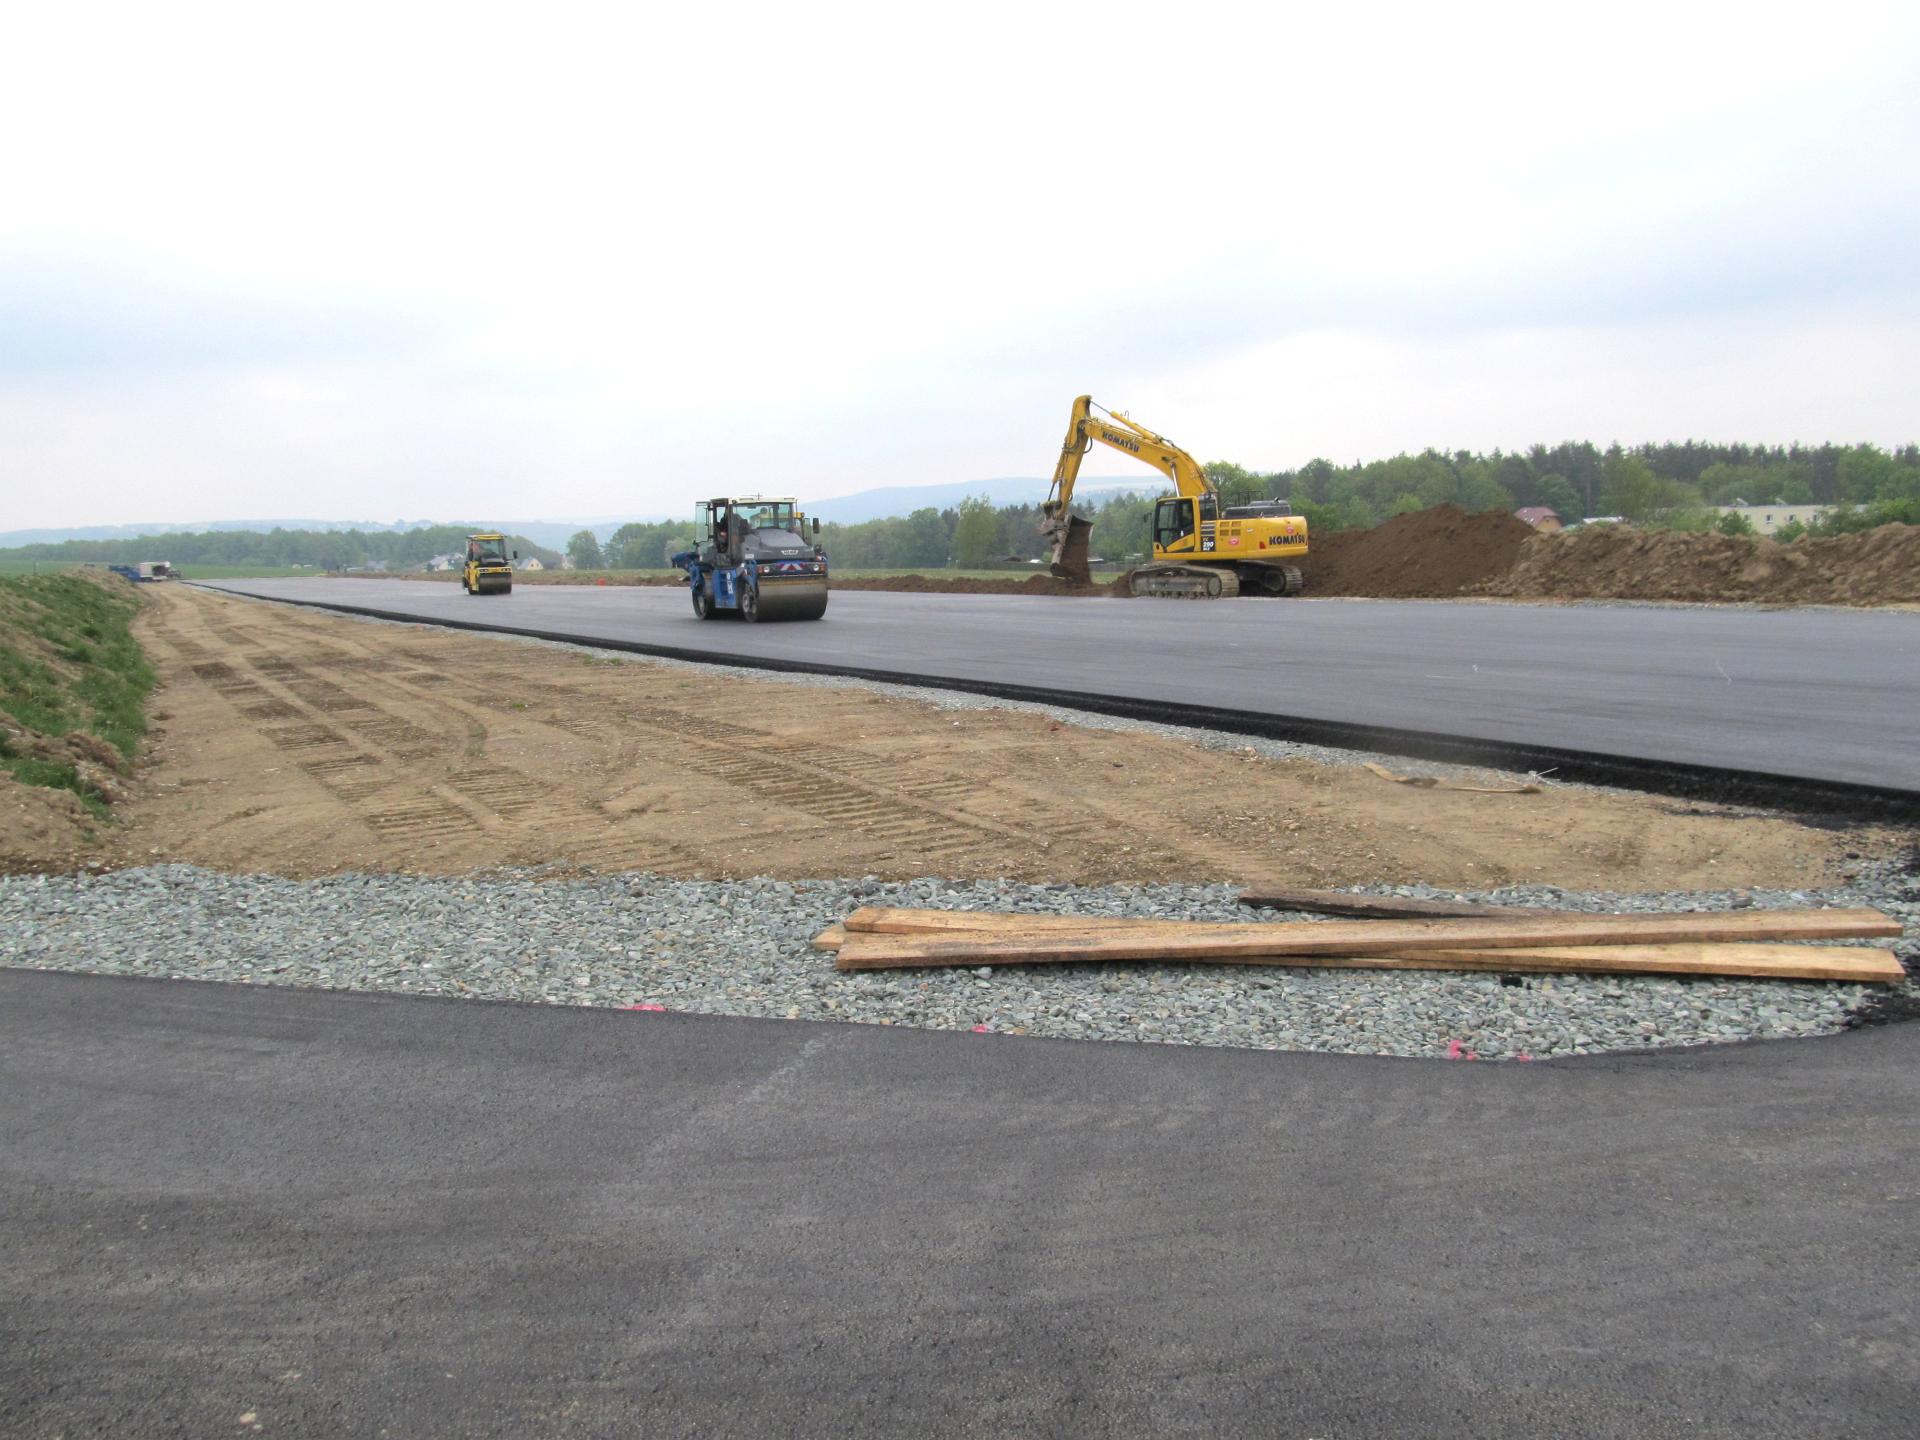 Endphase bei Sanierung der Start- und Landebahn